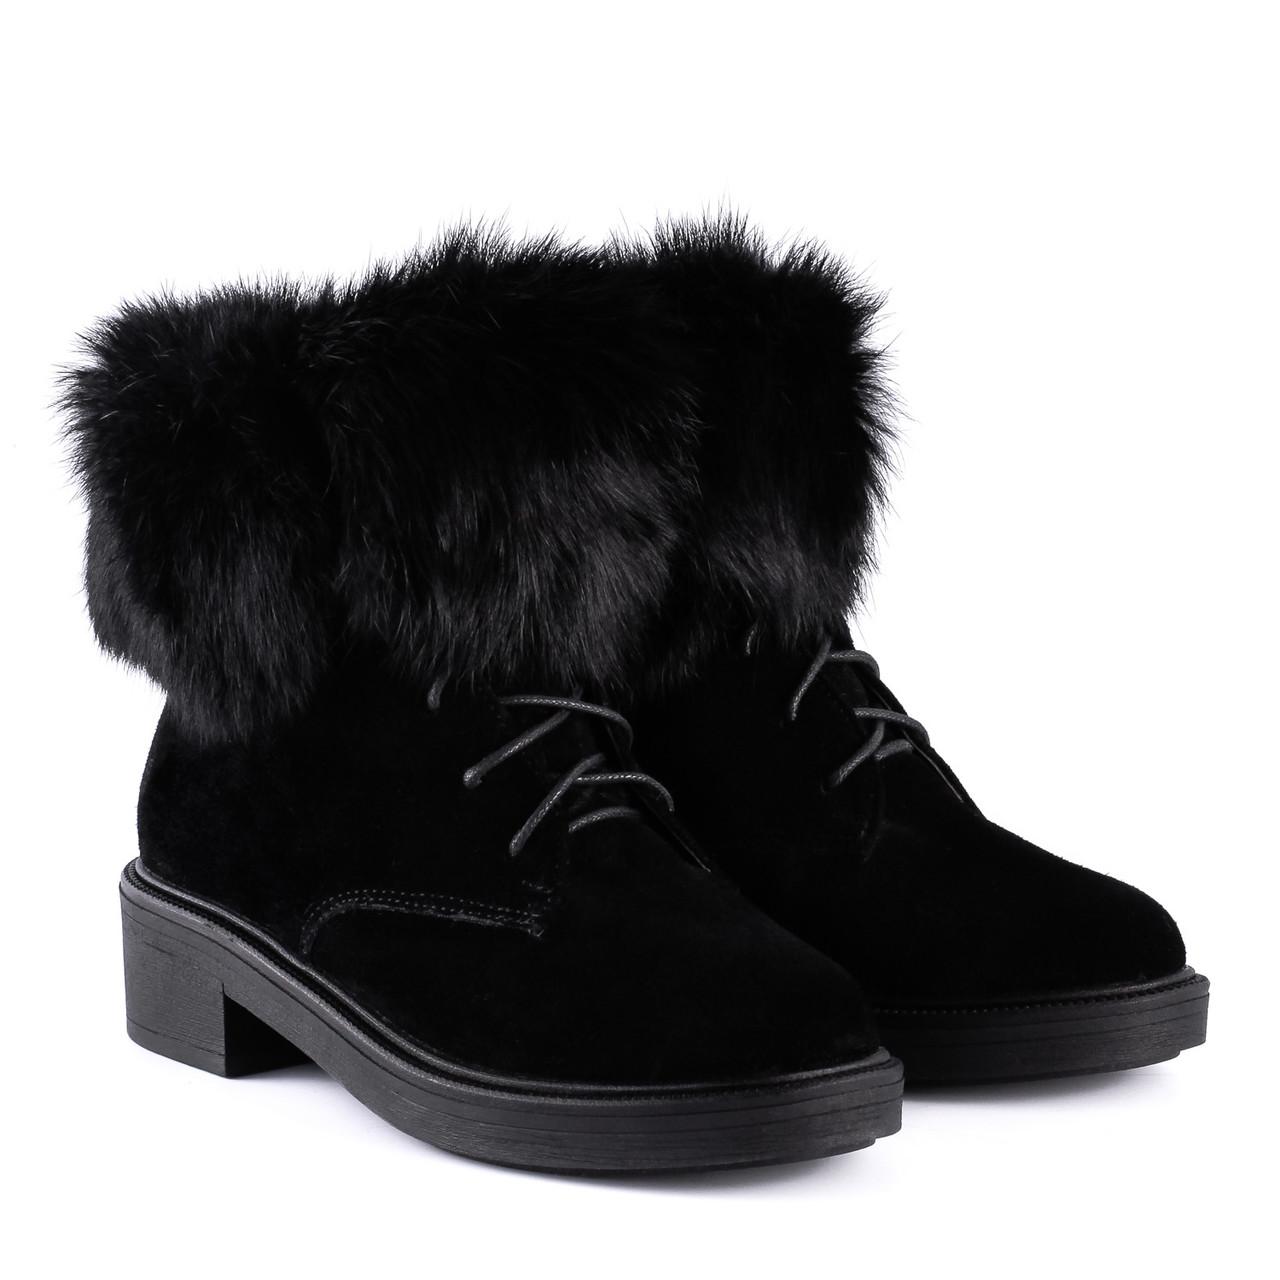 180ea0e6b Купить Ботинки женские Kento (замшевые, черные, стильные, с мехом ...